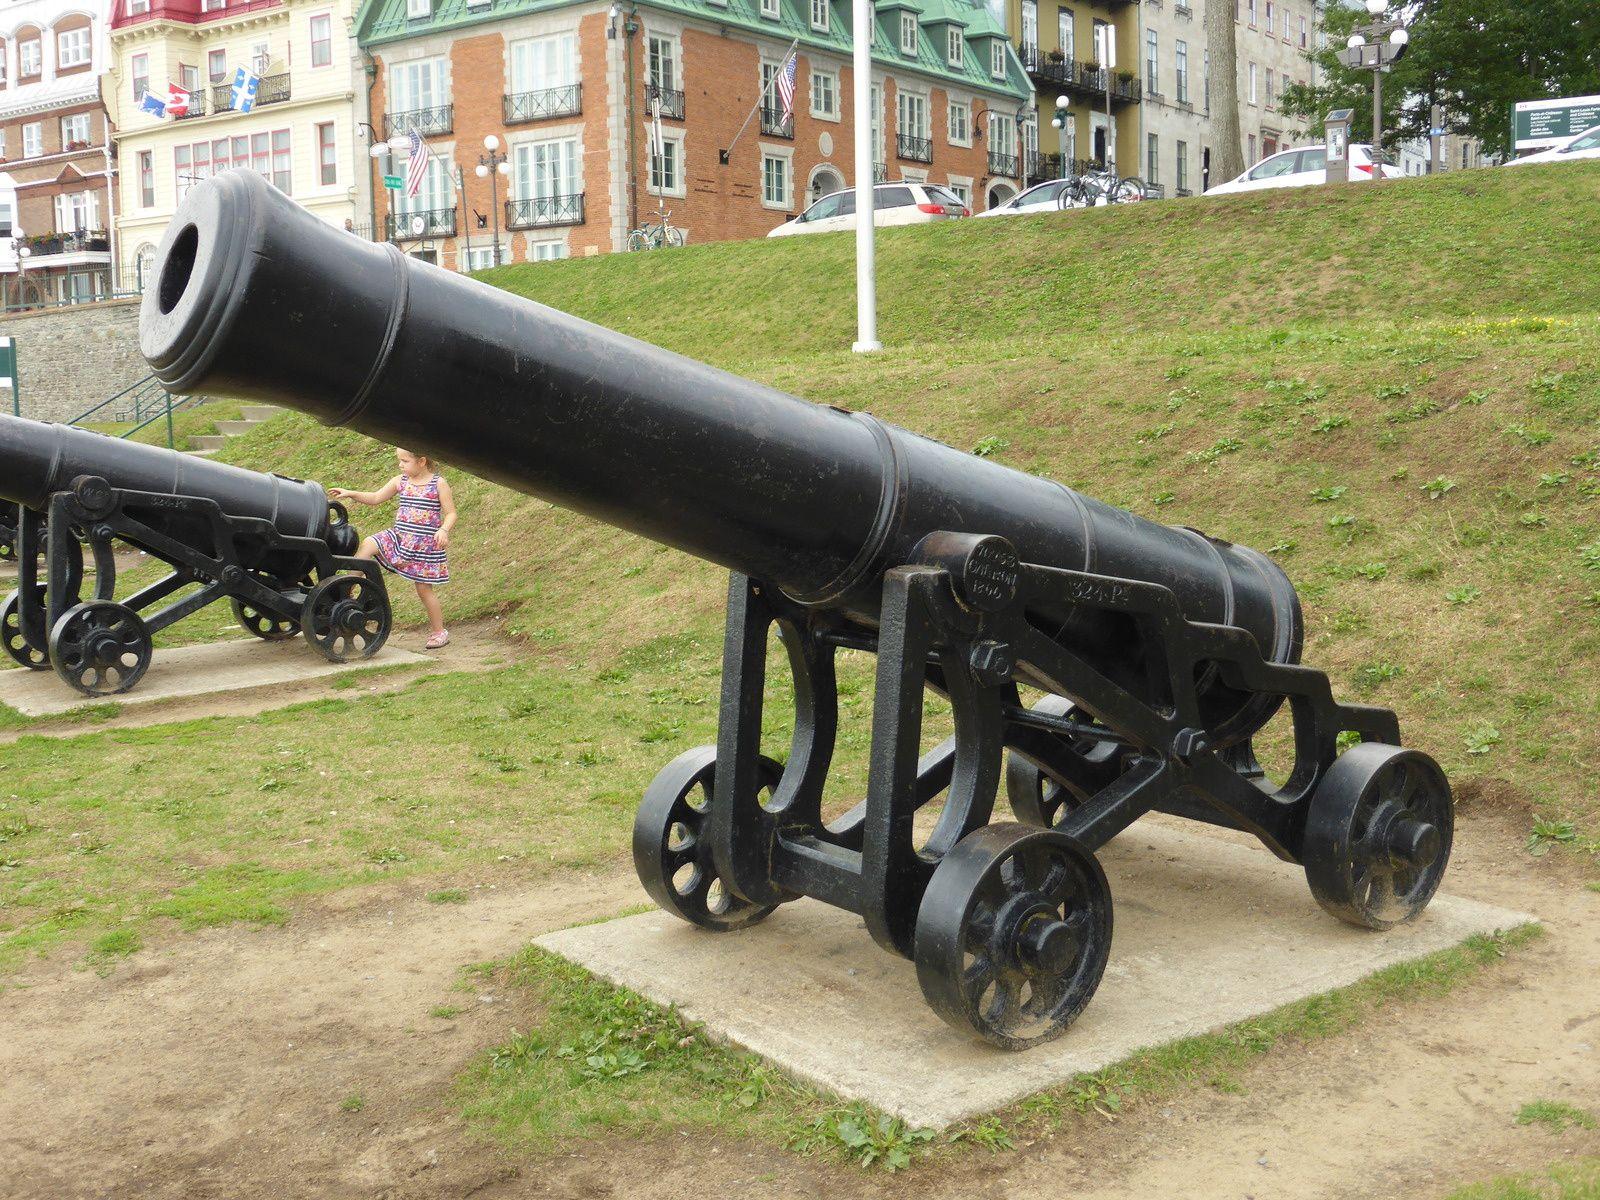 chateau Frontenac - la place d'armes